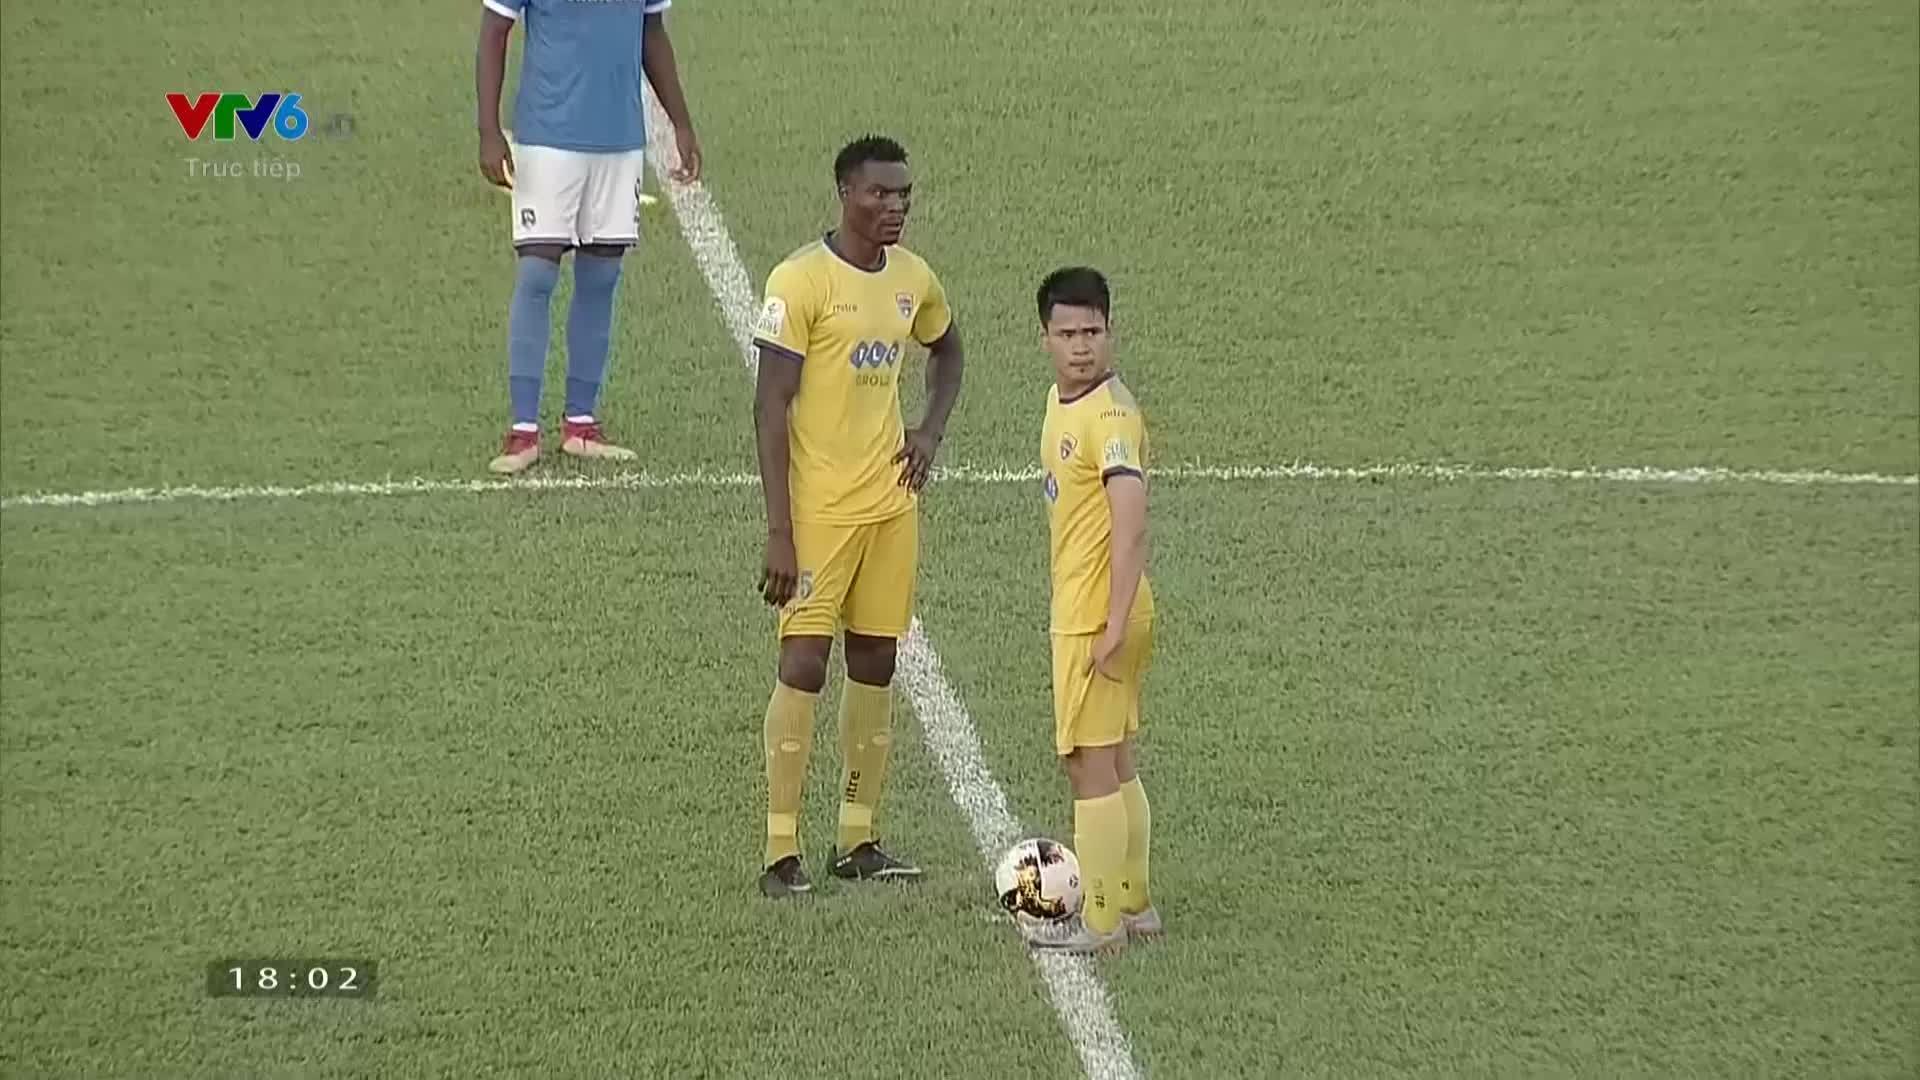 Trực tiếp: Quảng Ninh - Thanh Hóa